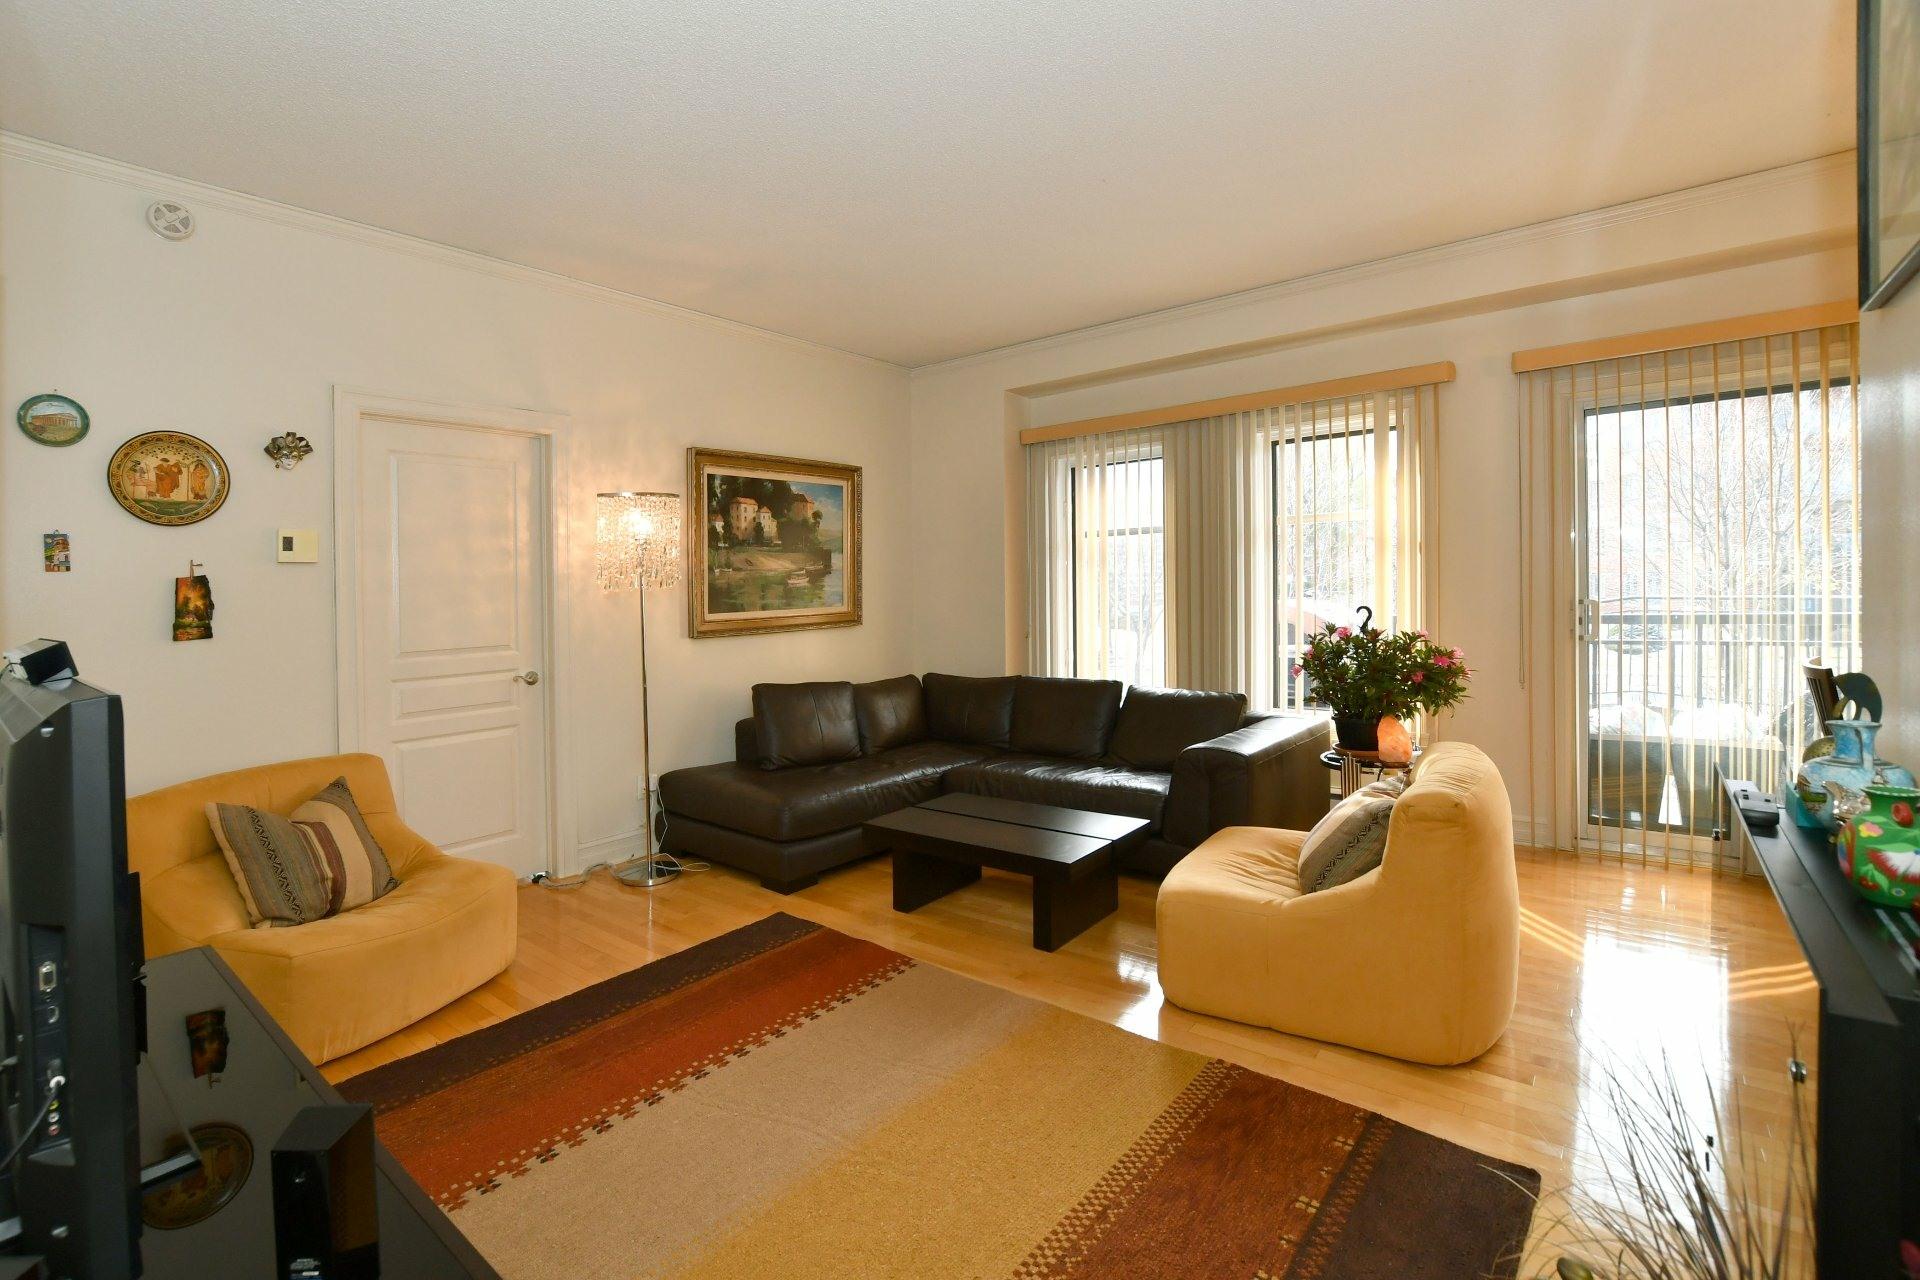 image 2 - Apartment For sale Saint-Laurent Montréal  - 5 rooms